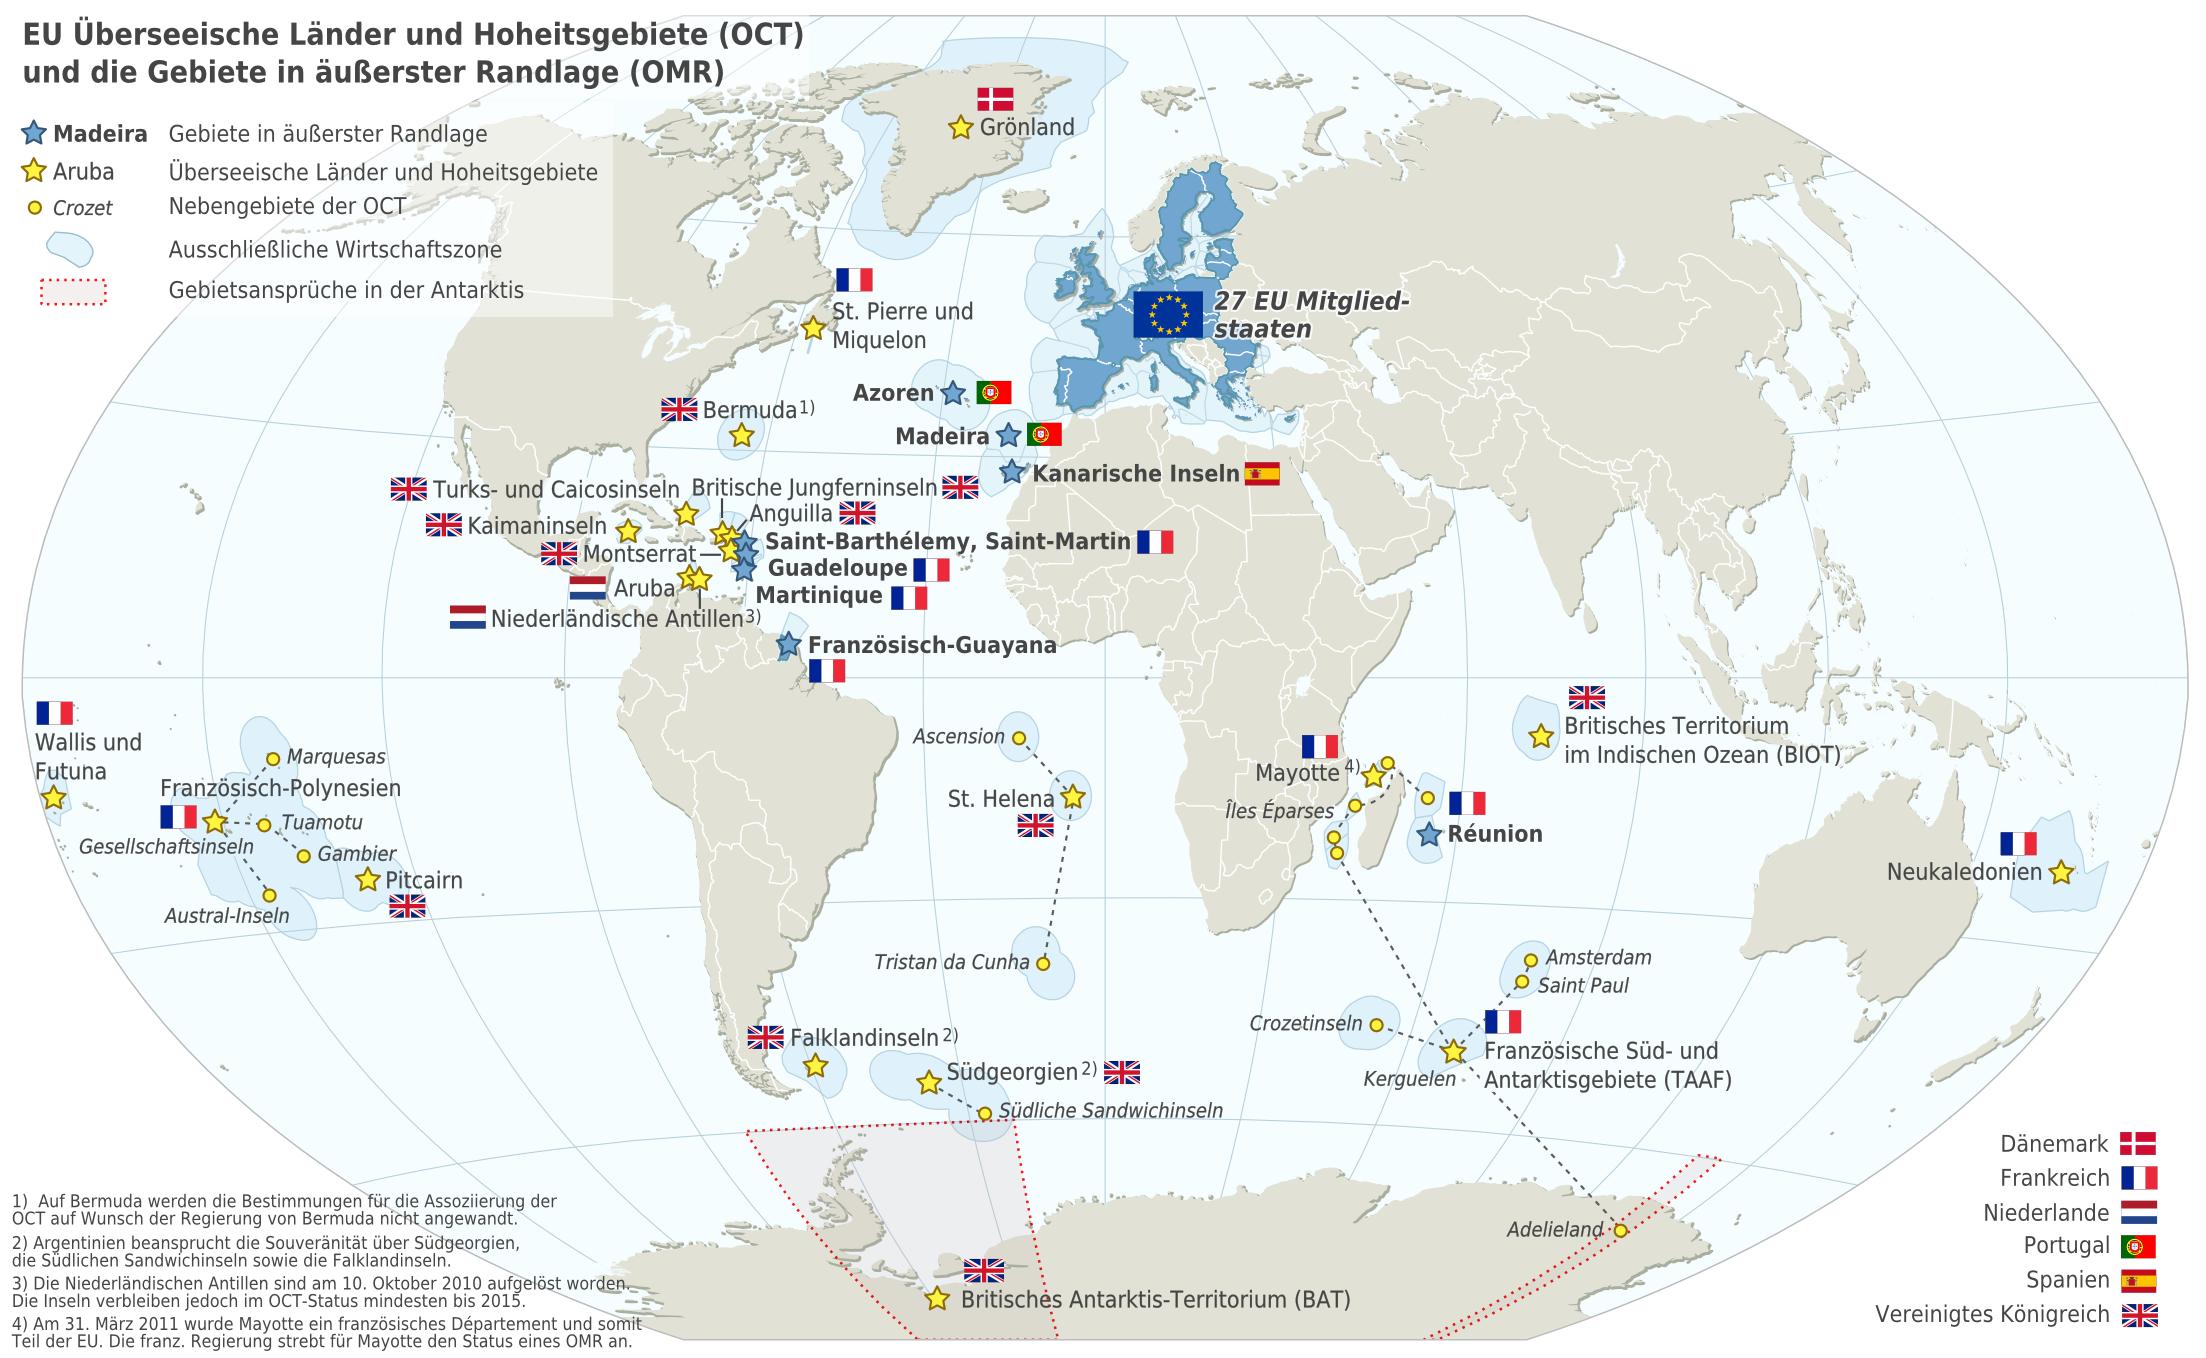 Alle Eu Länder Karte.Karte Europäische Union Karte überseegebiete Der Eu Weltkarte